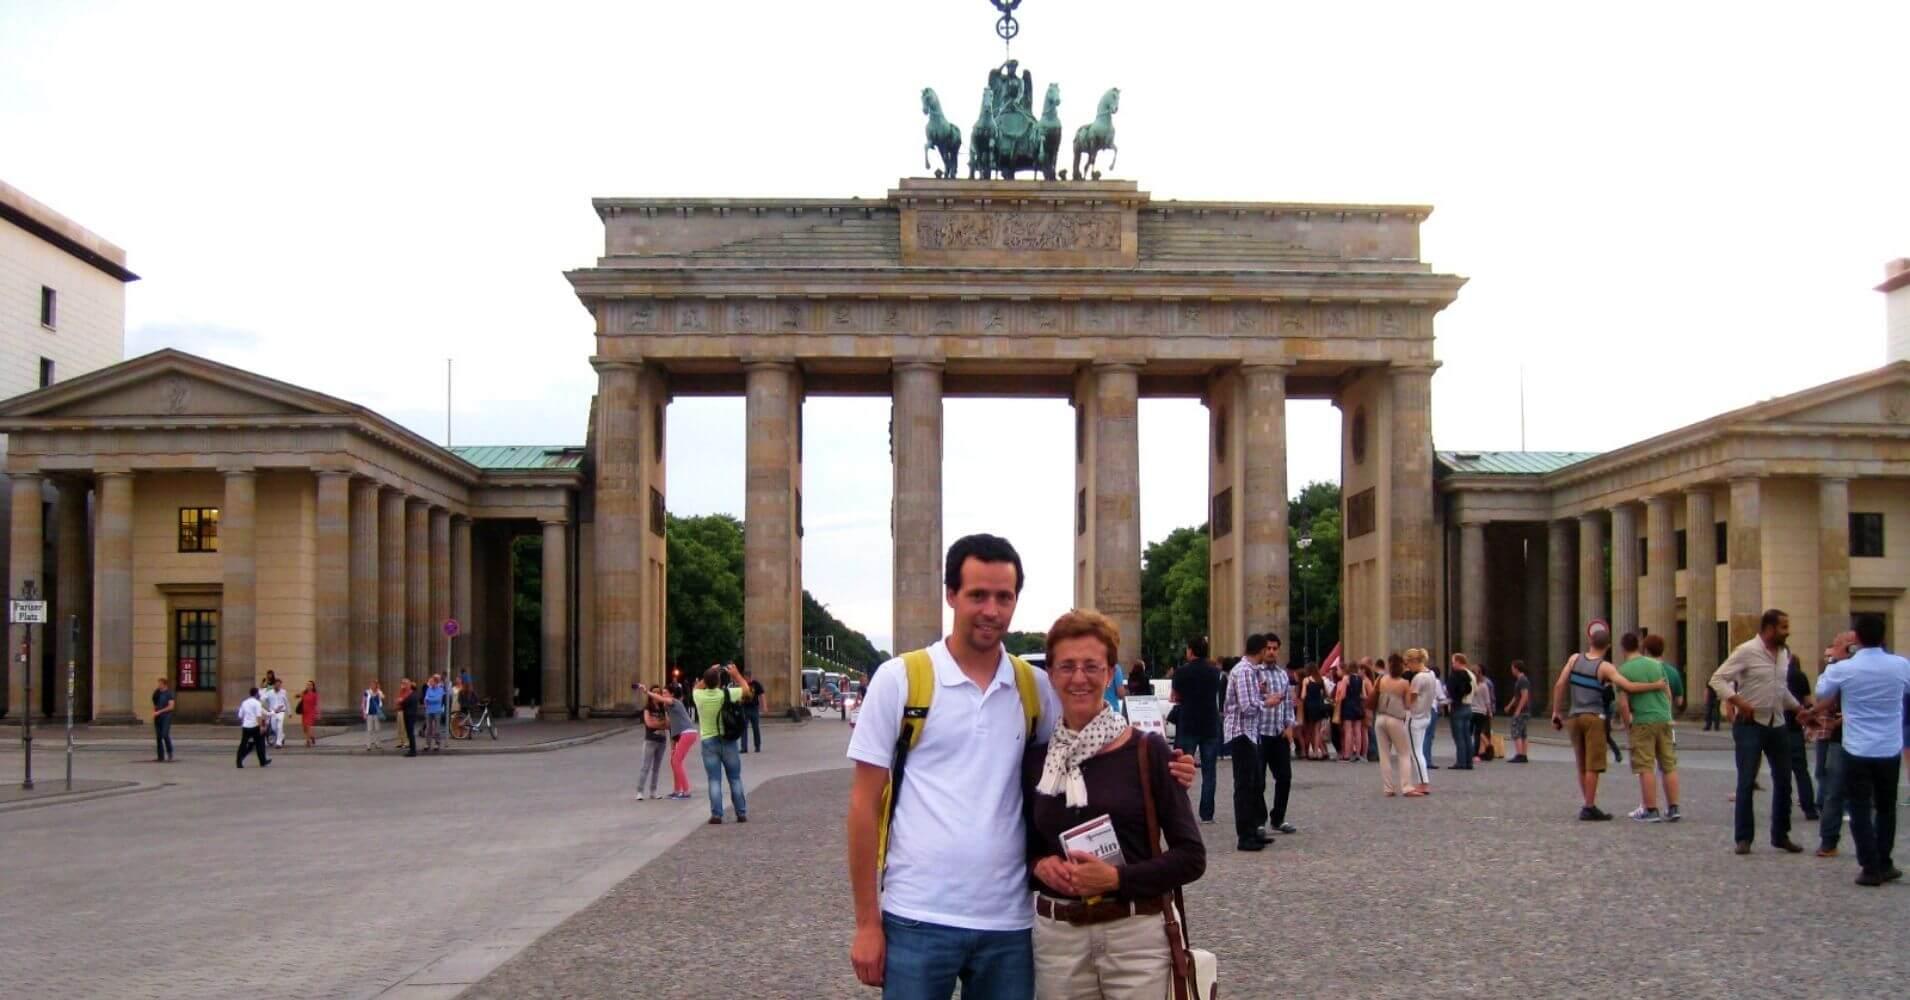 Viaje a Berlín, Puerta de Brandeburgo. Berlín. Alemania.